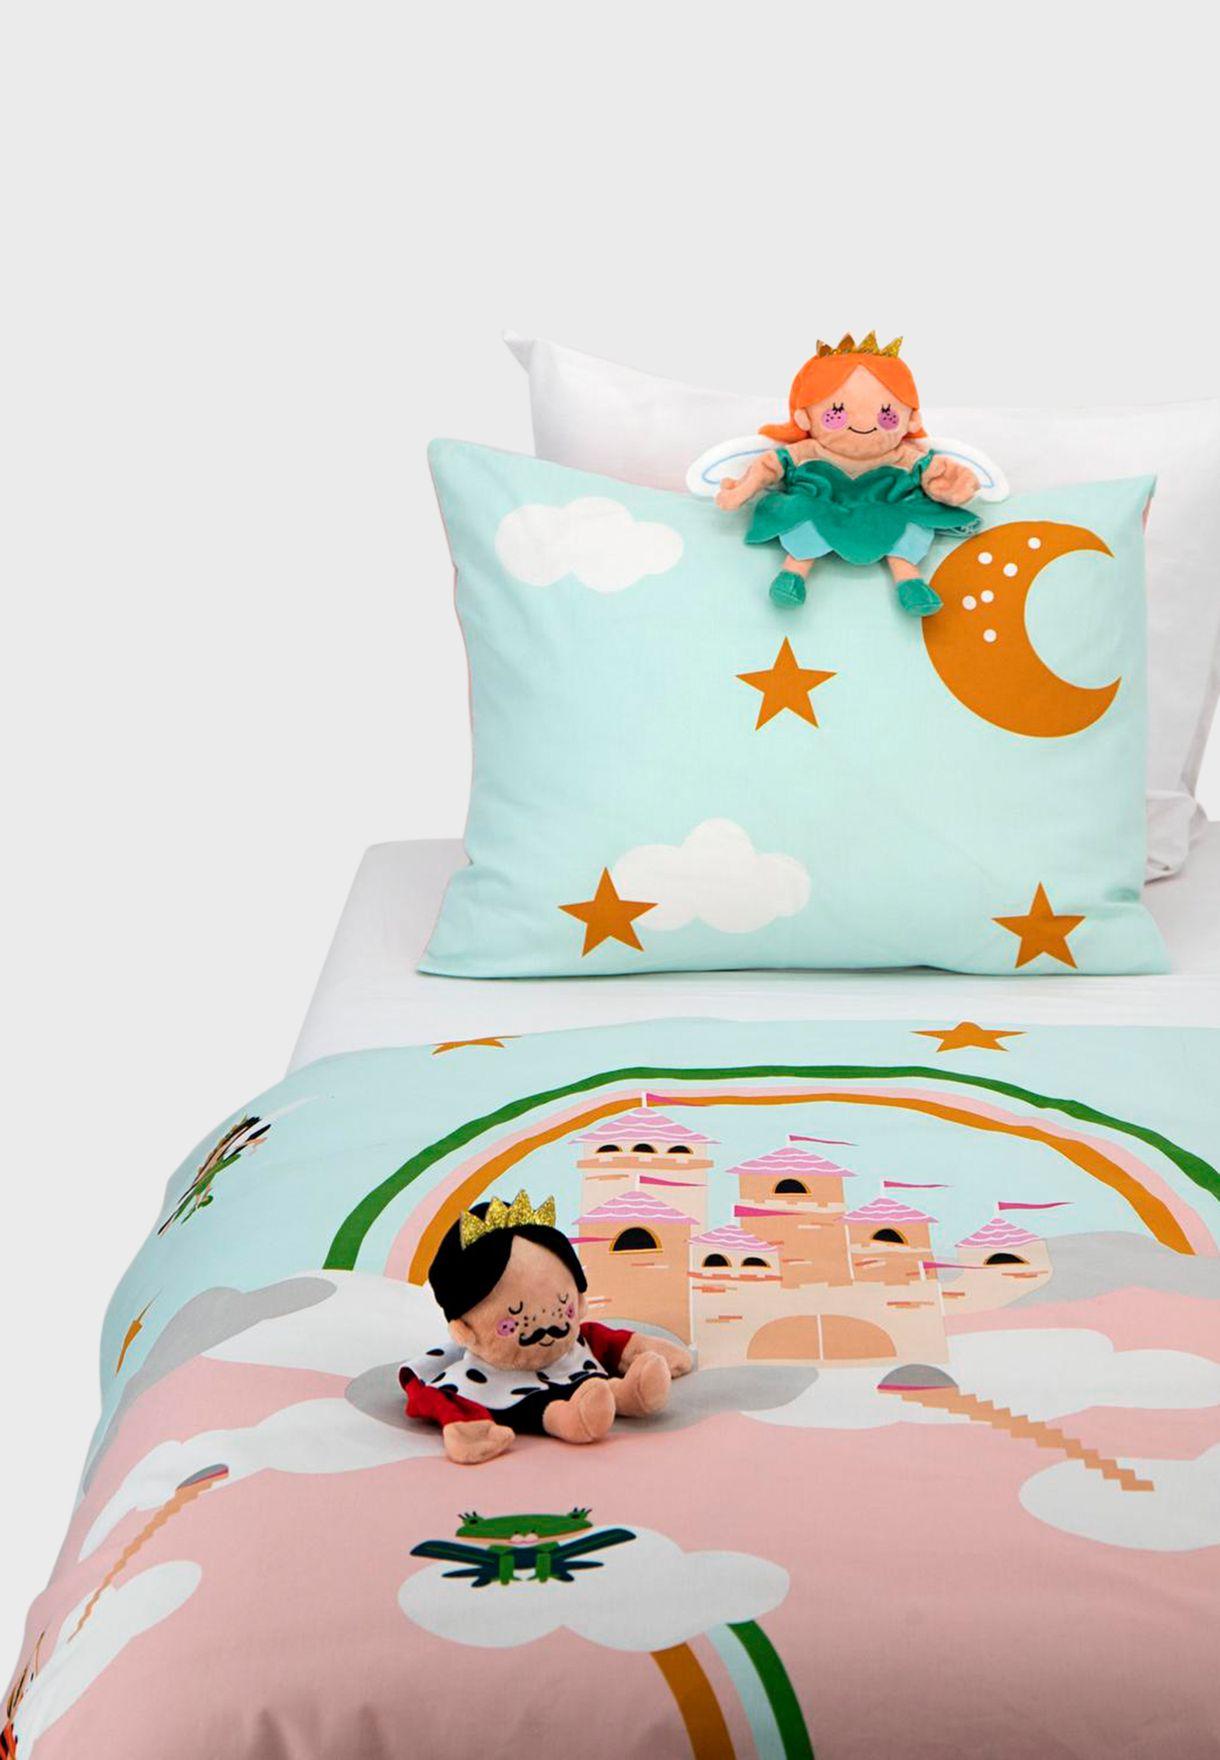 Kids Play Castle Bedding Set 120x150cm